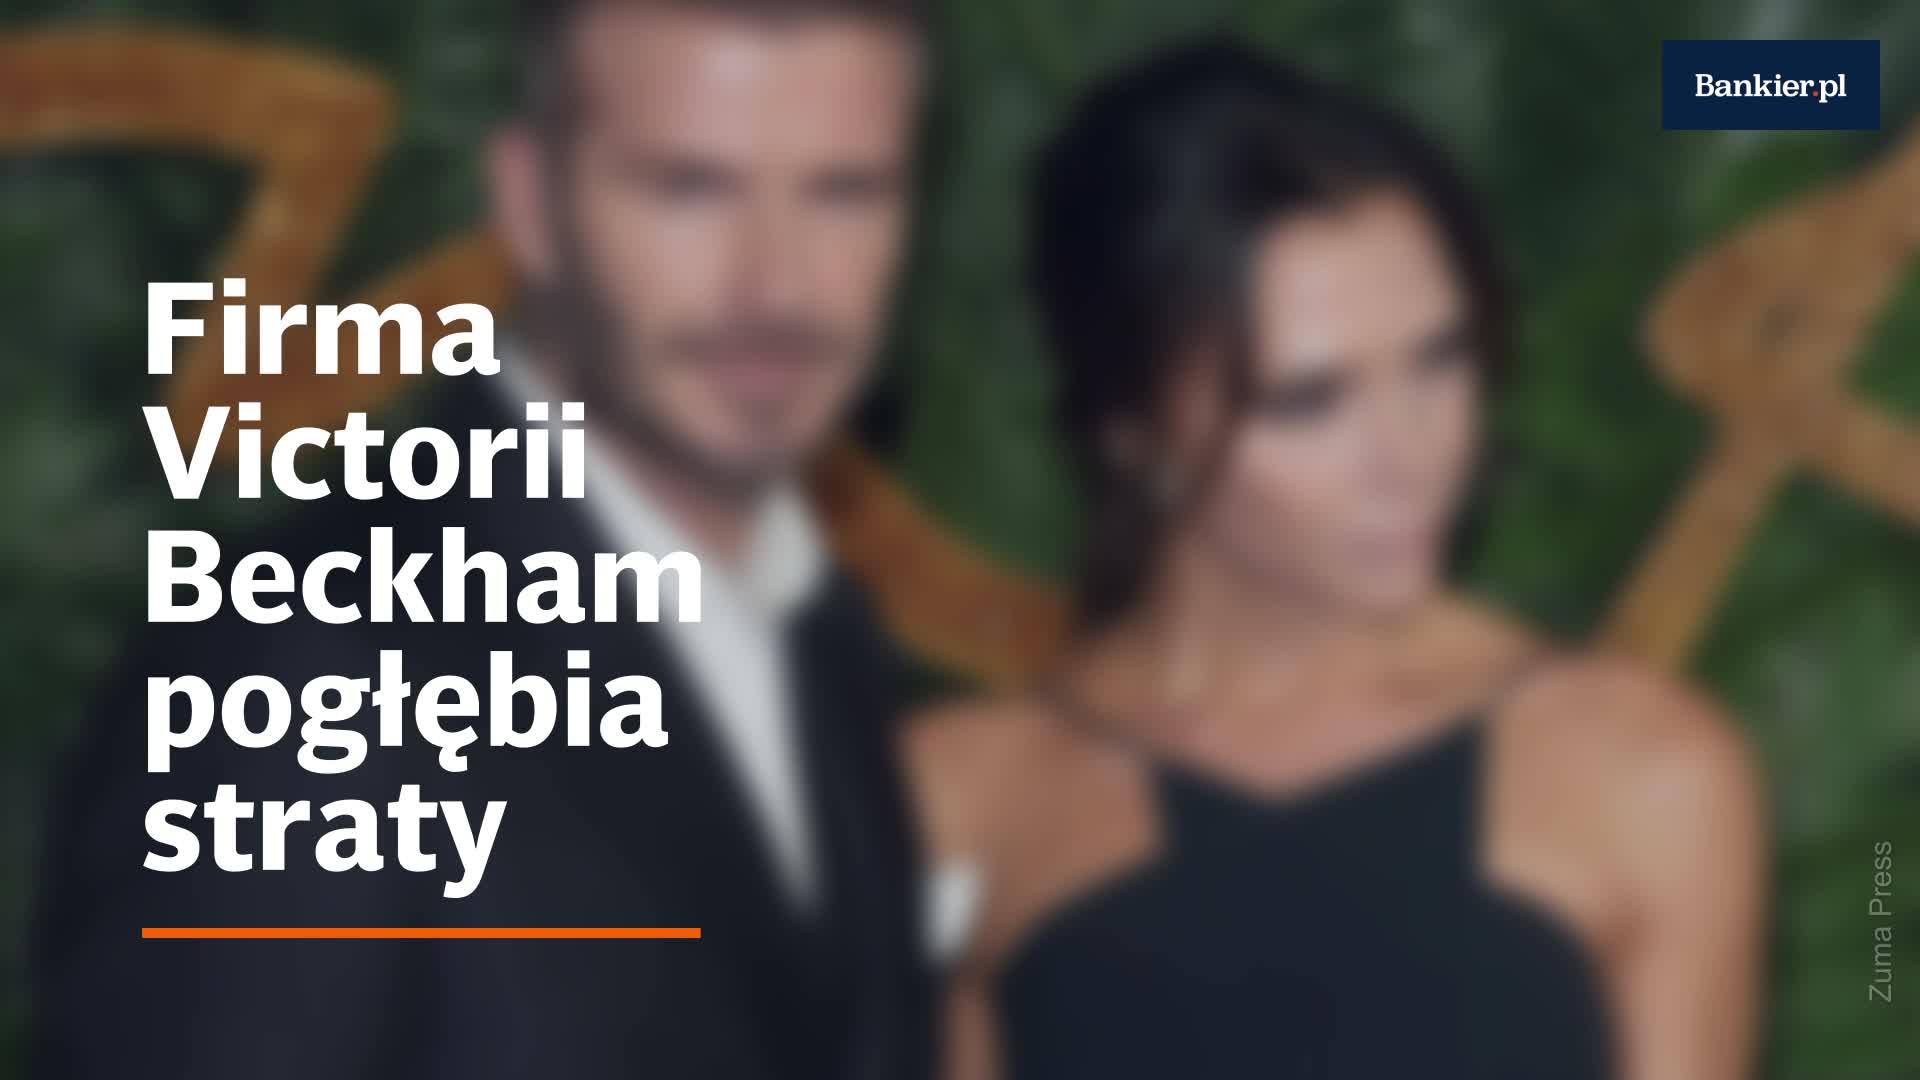 Firma Victorii Beckham pogłębia straty